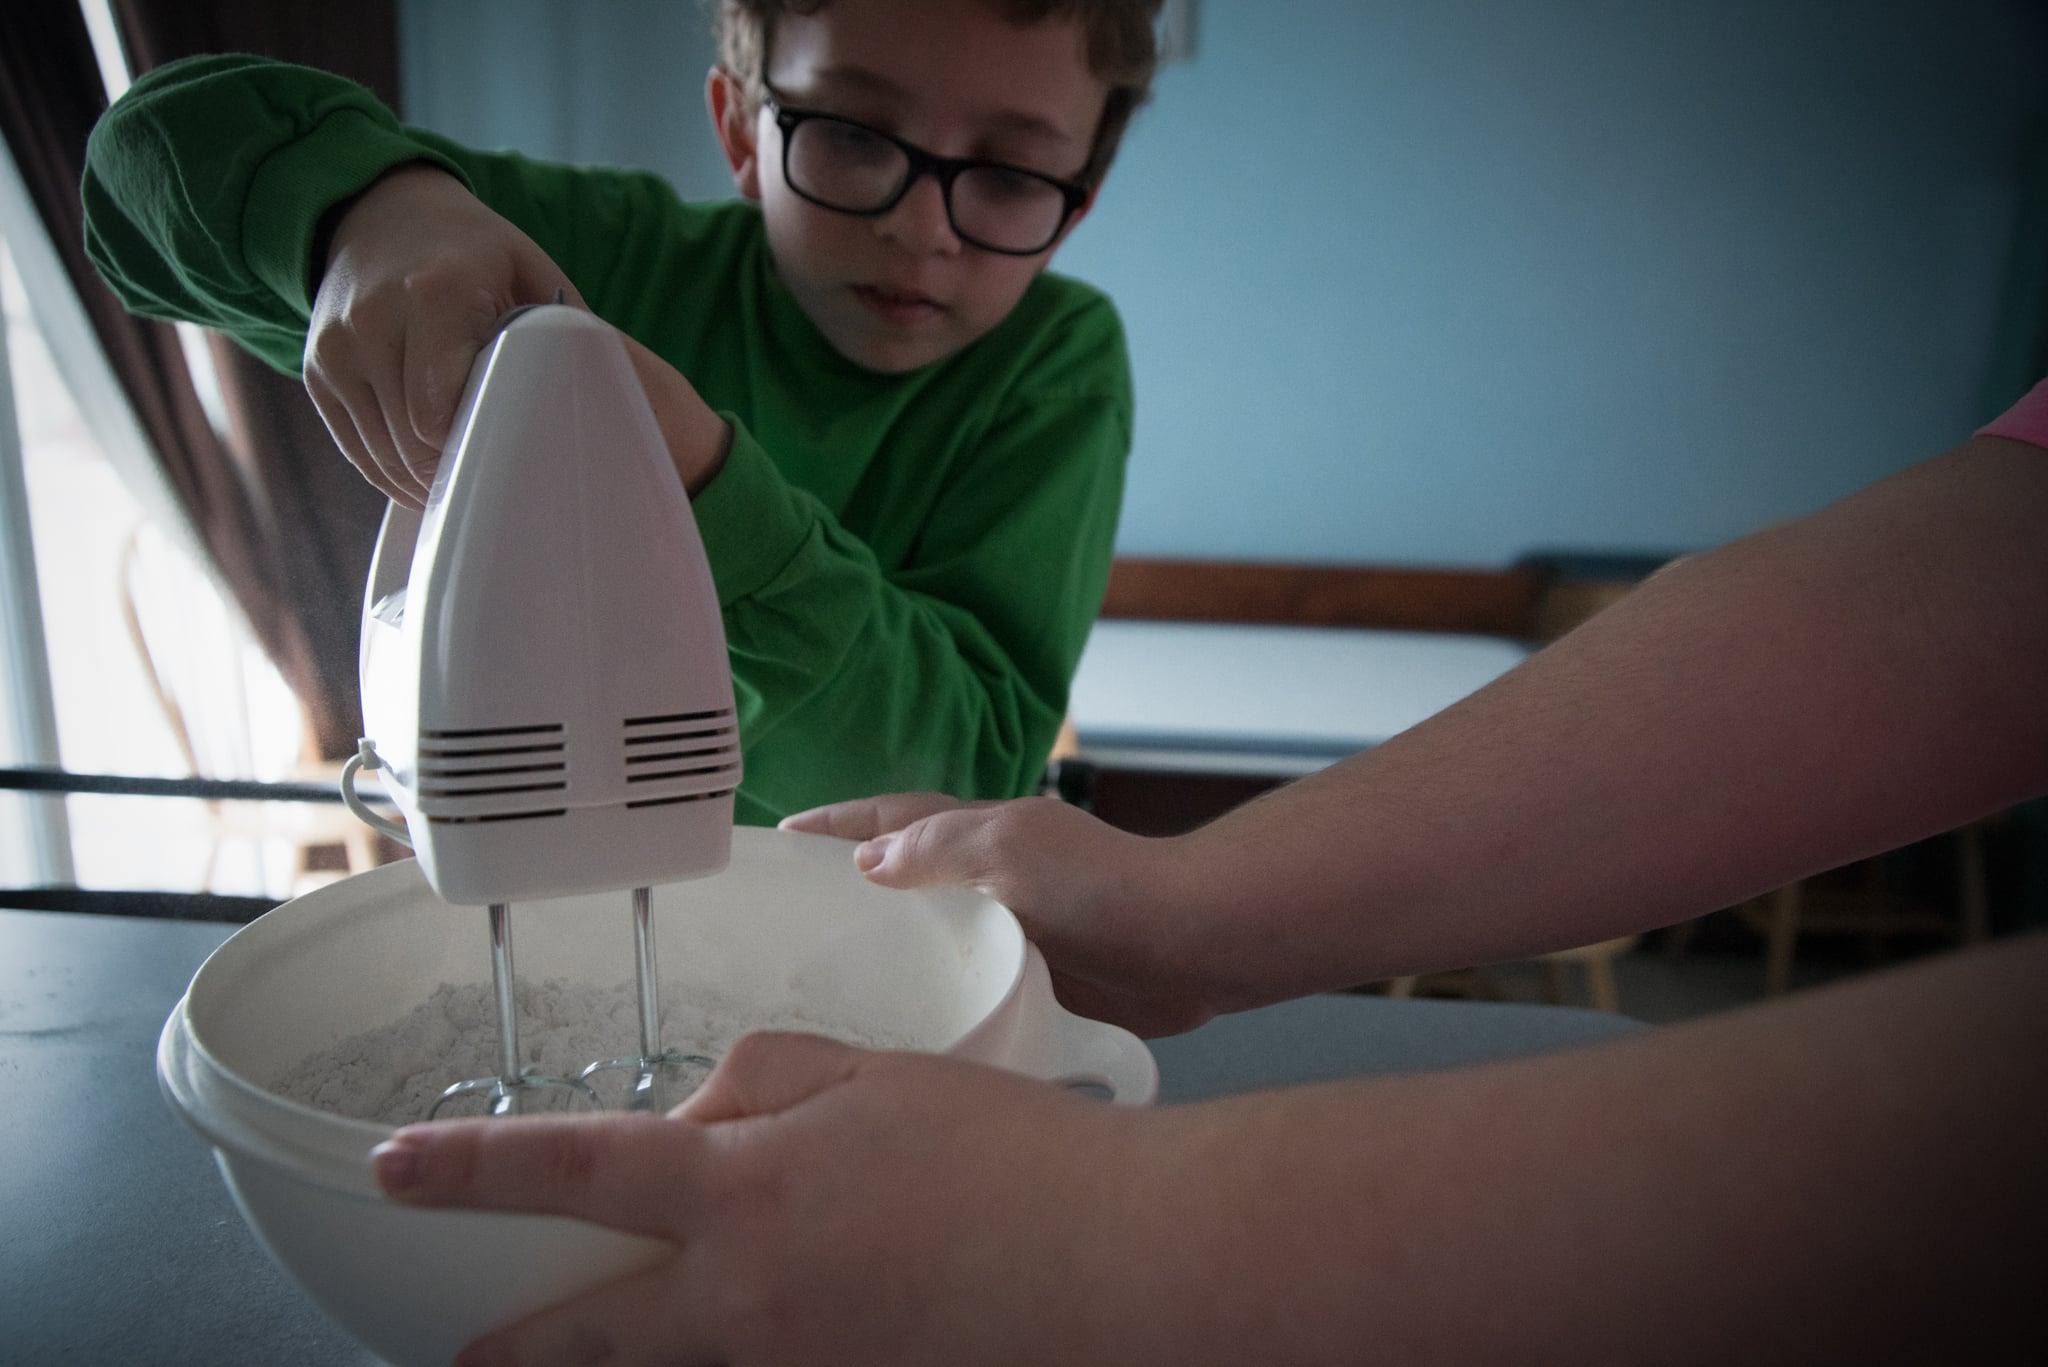 Childrens_Family_Photographer_Fargo_Moorhead-6355.jpg